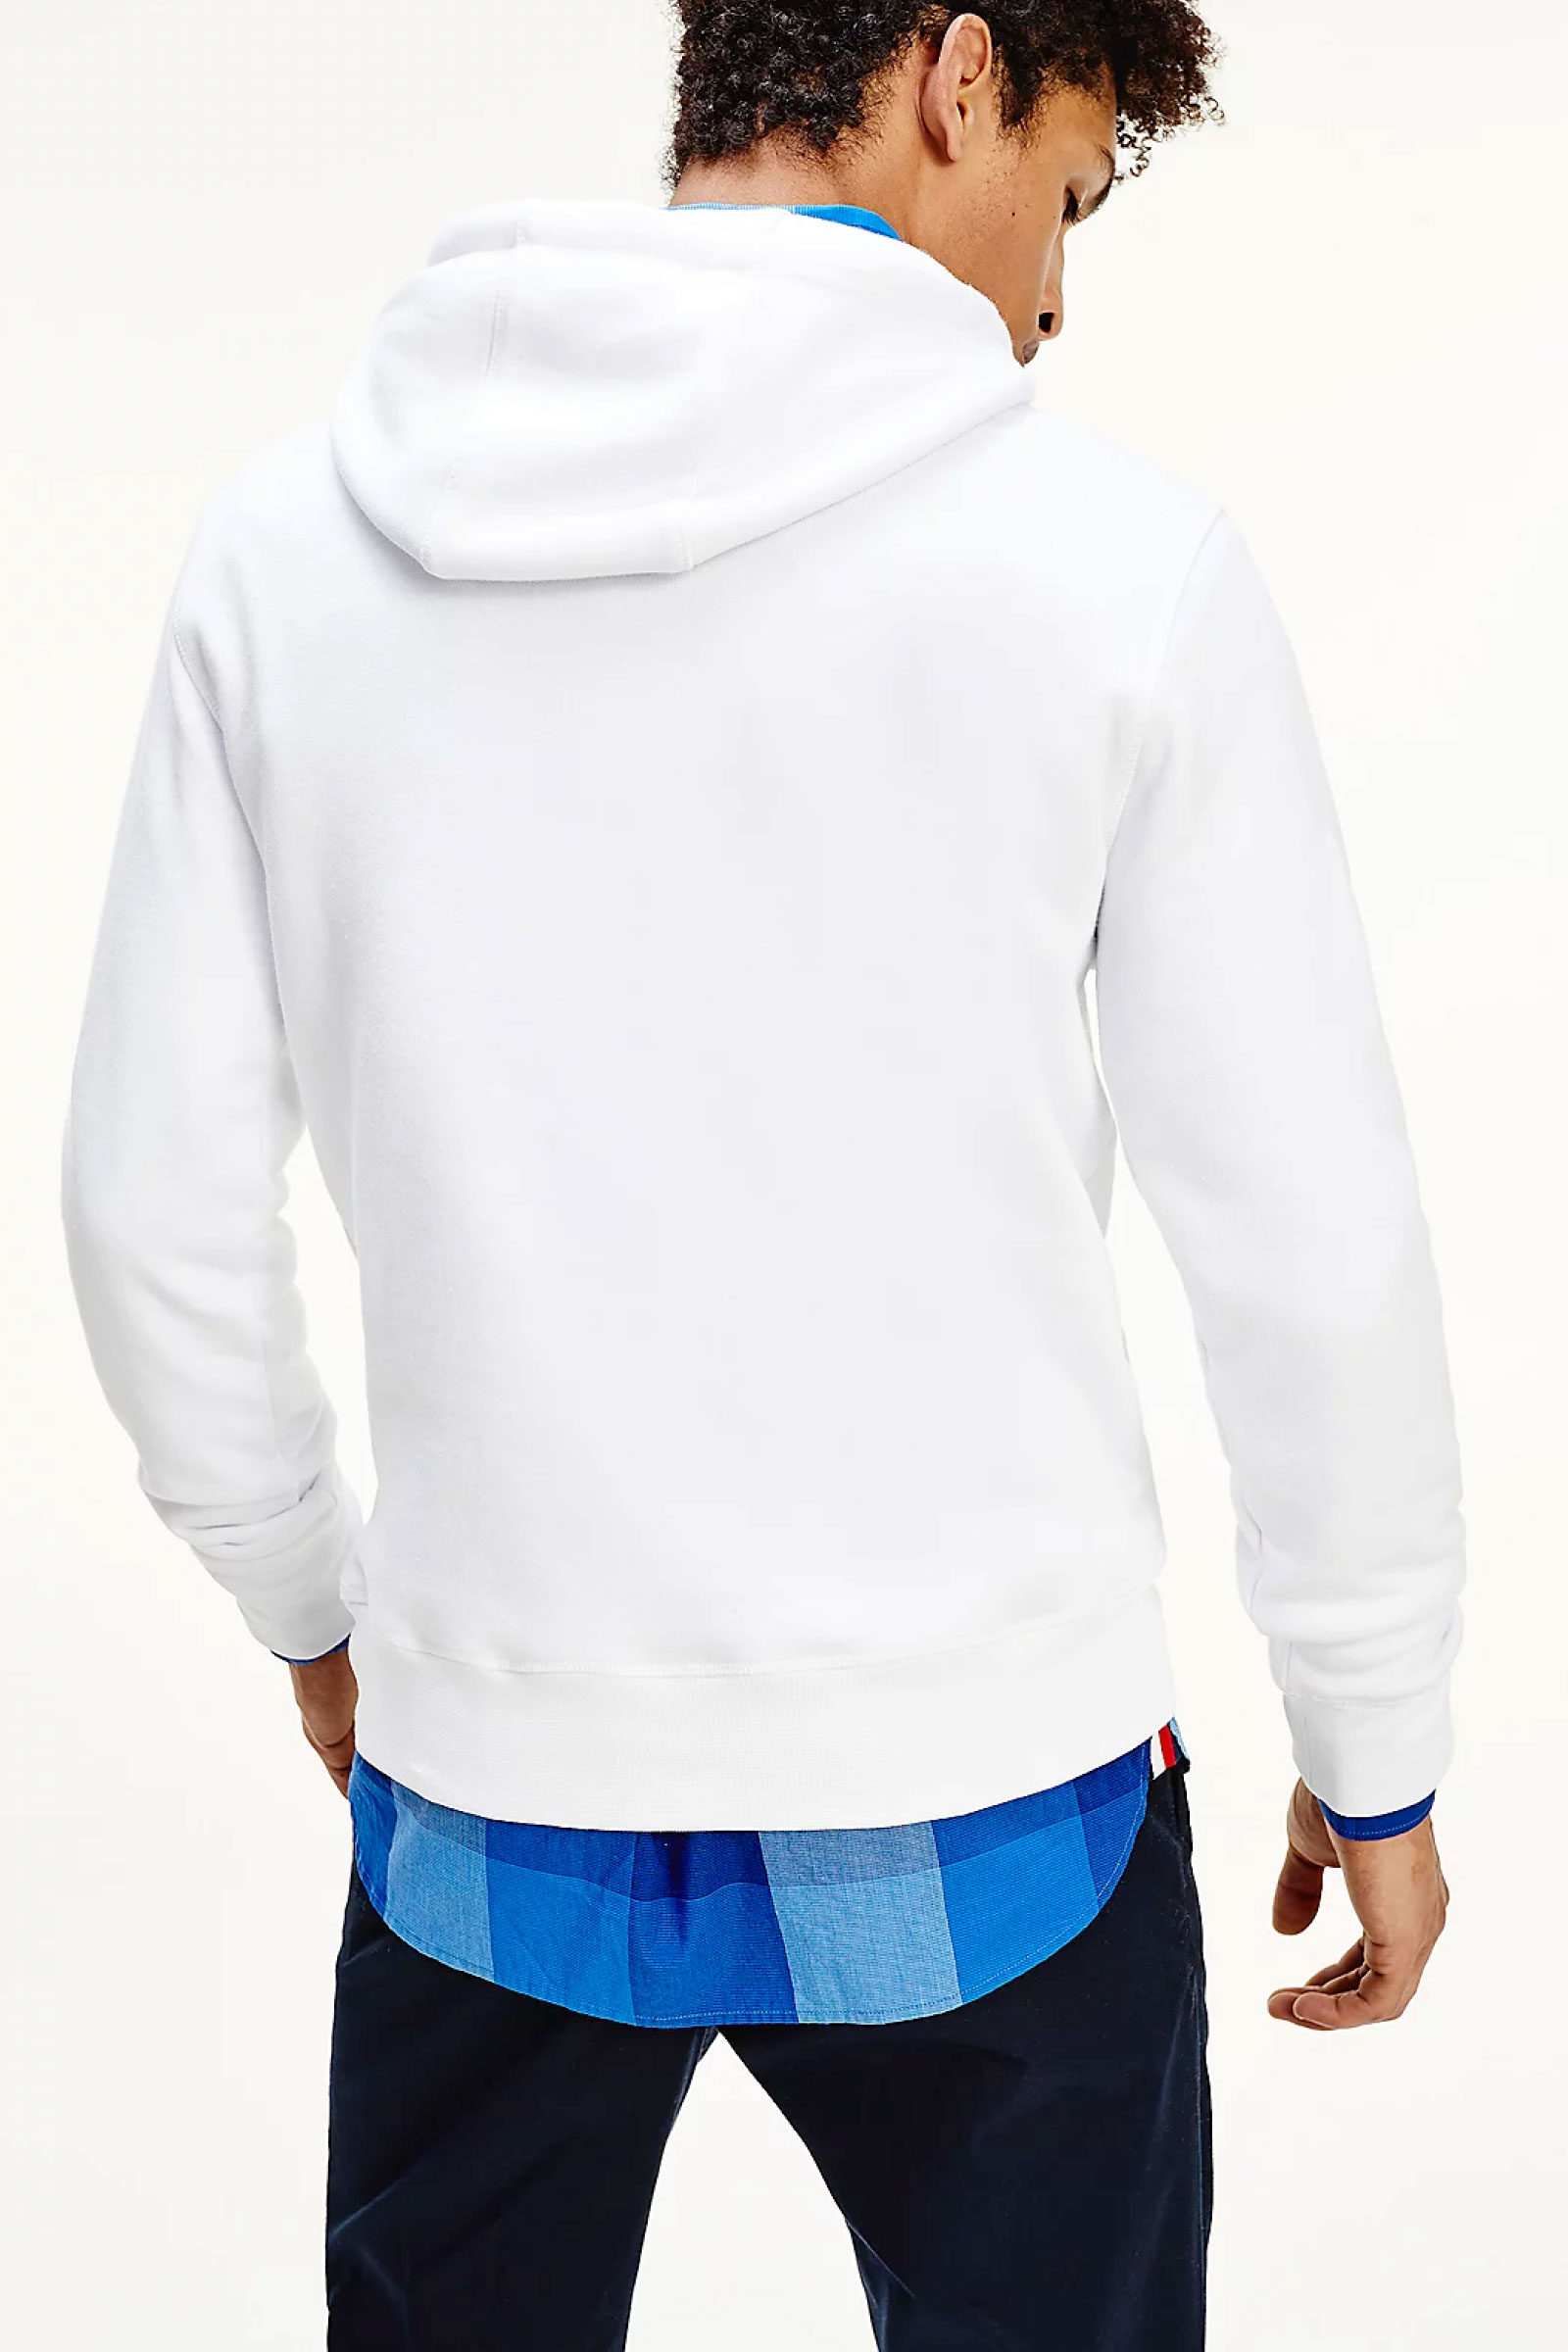 TOMMY HILFIGER | Sweatshirt | MW0MW11599YBR